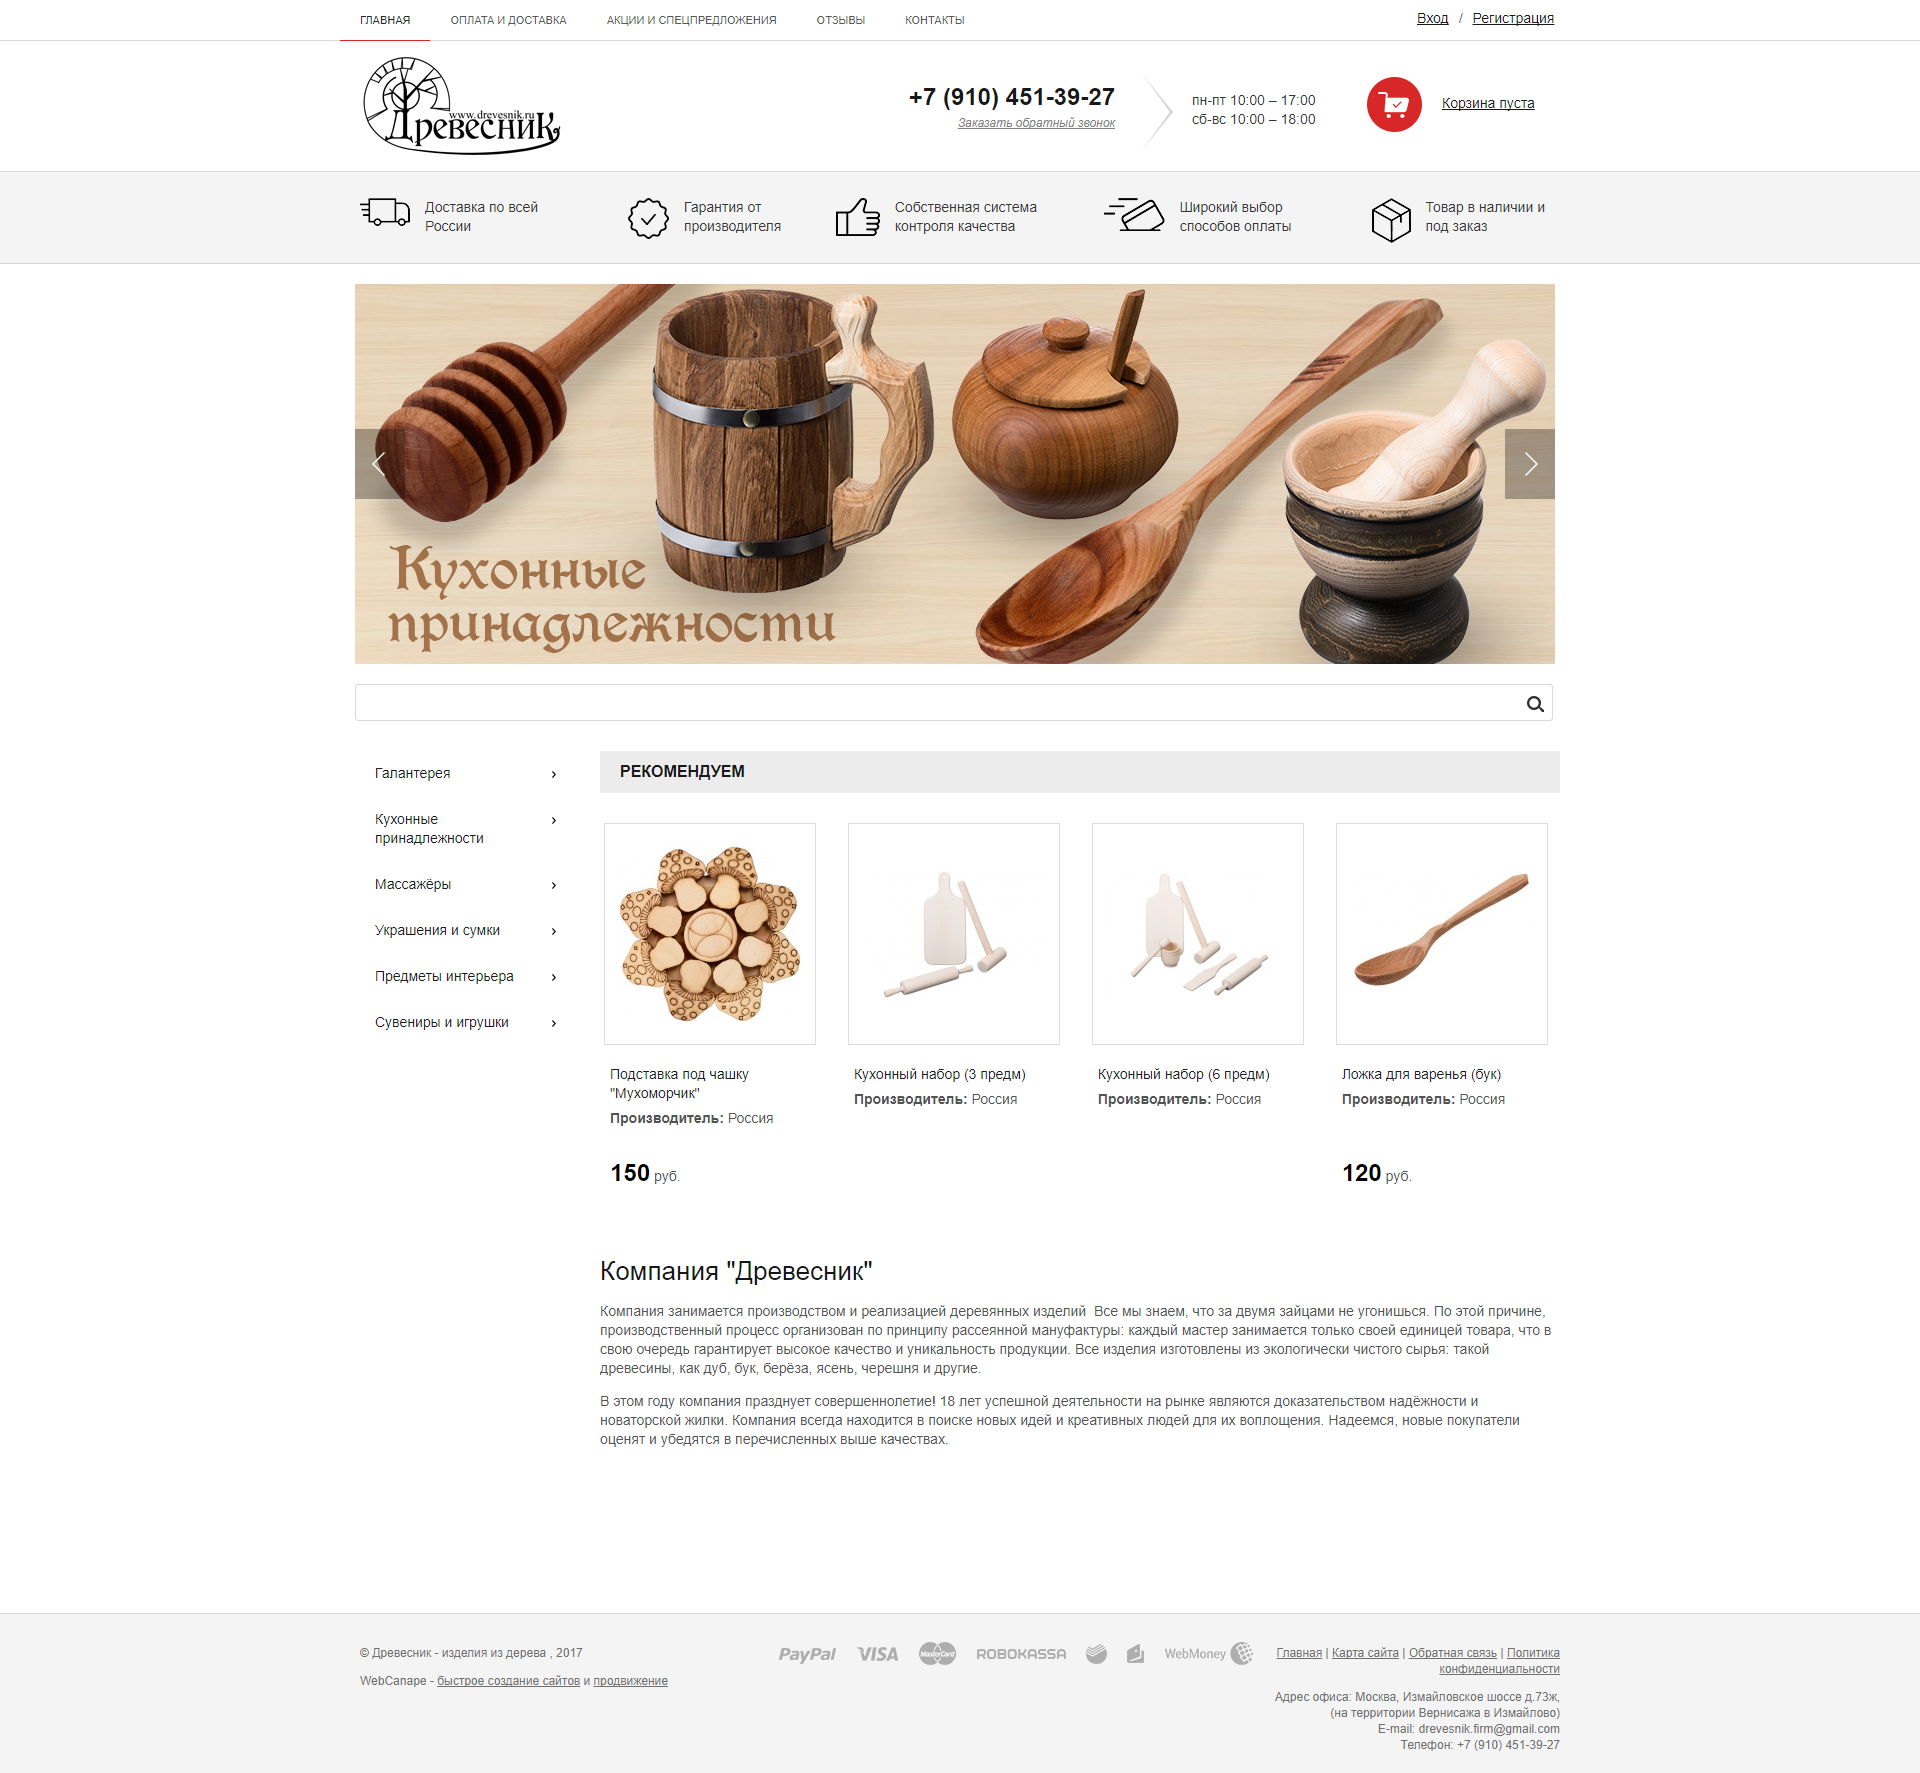 Разработка интернет магазина по продаже изделий из дерева